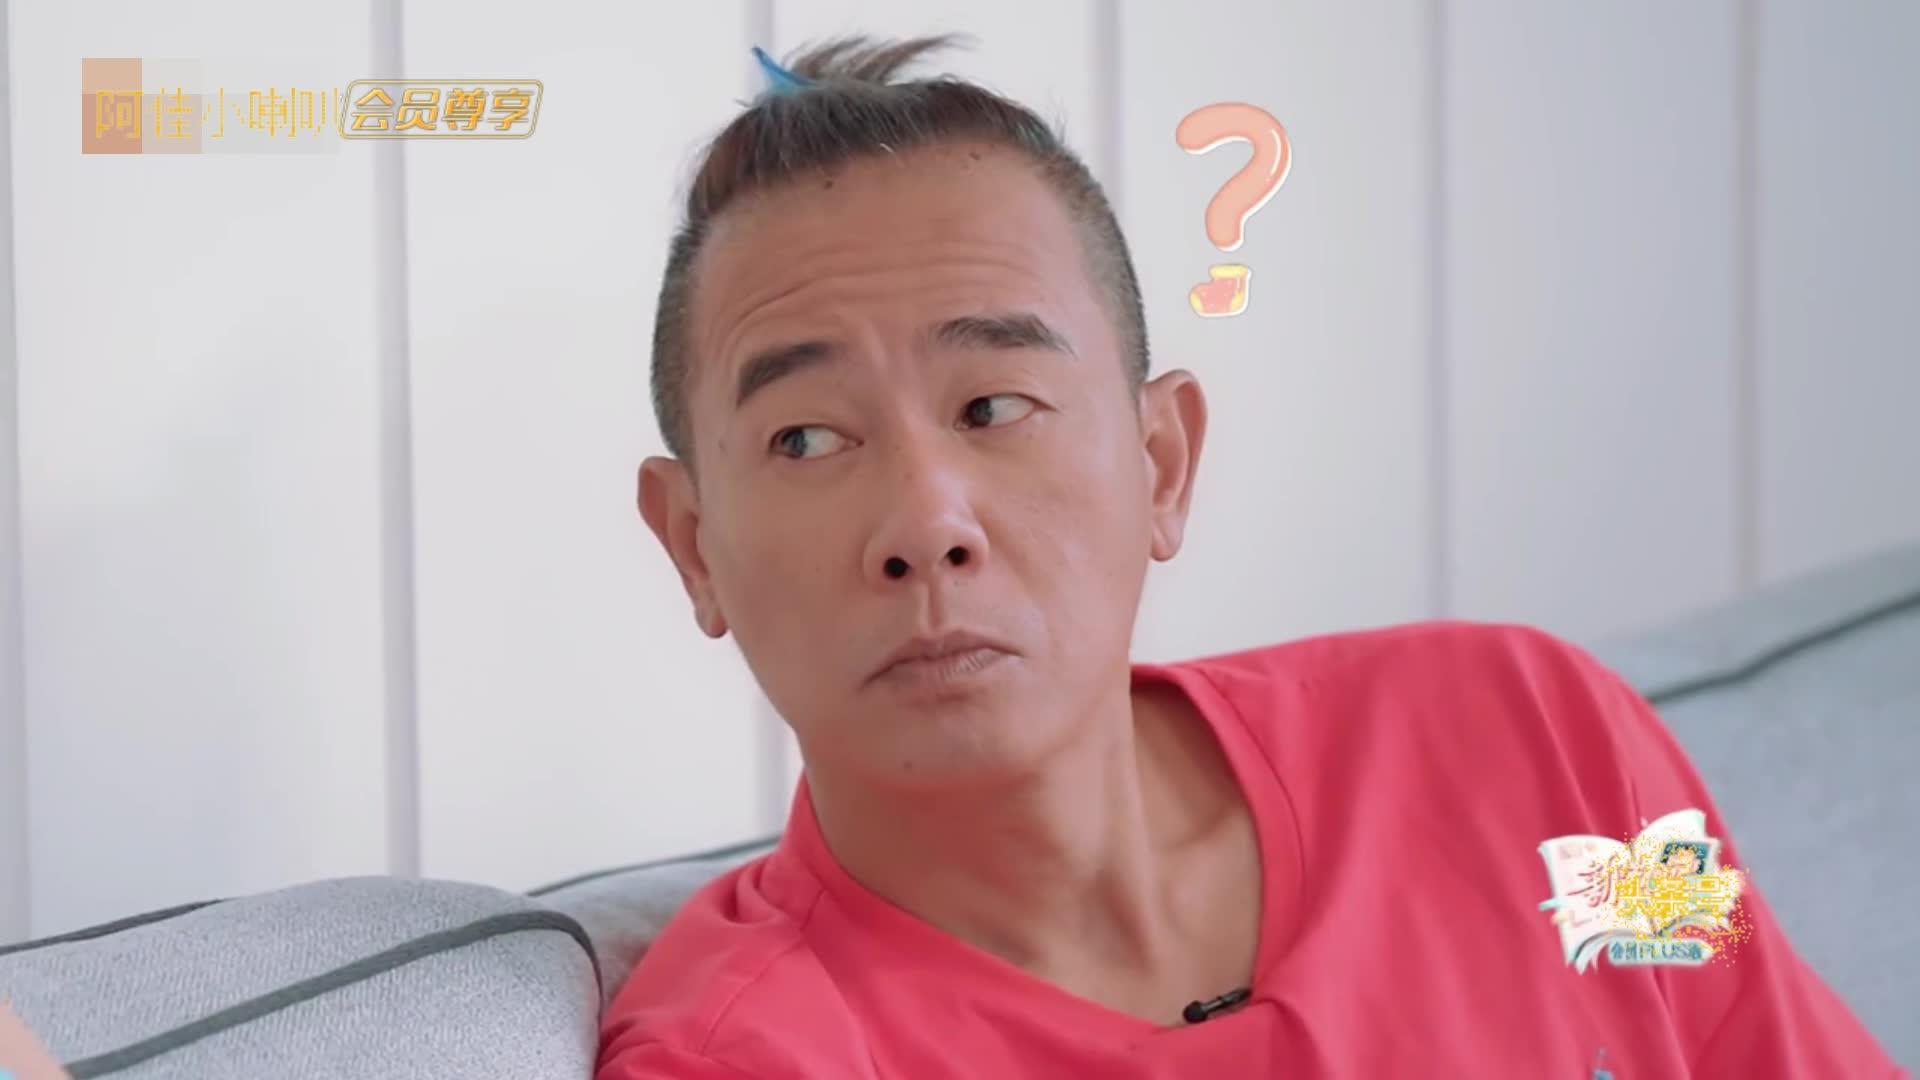 陈小春建议香港的月嫂降降价 太贵了 小春哥要亲自带娃了